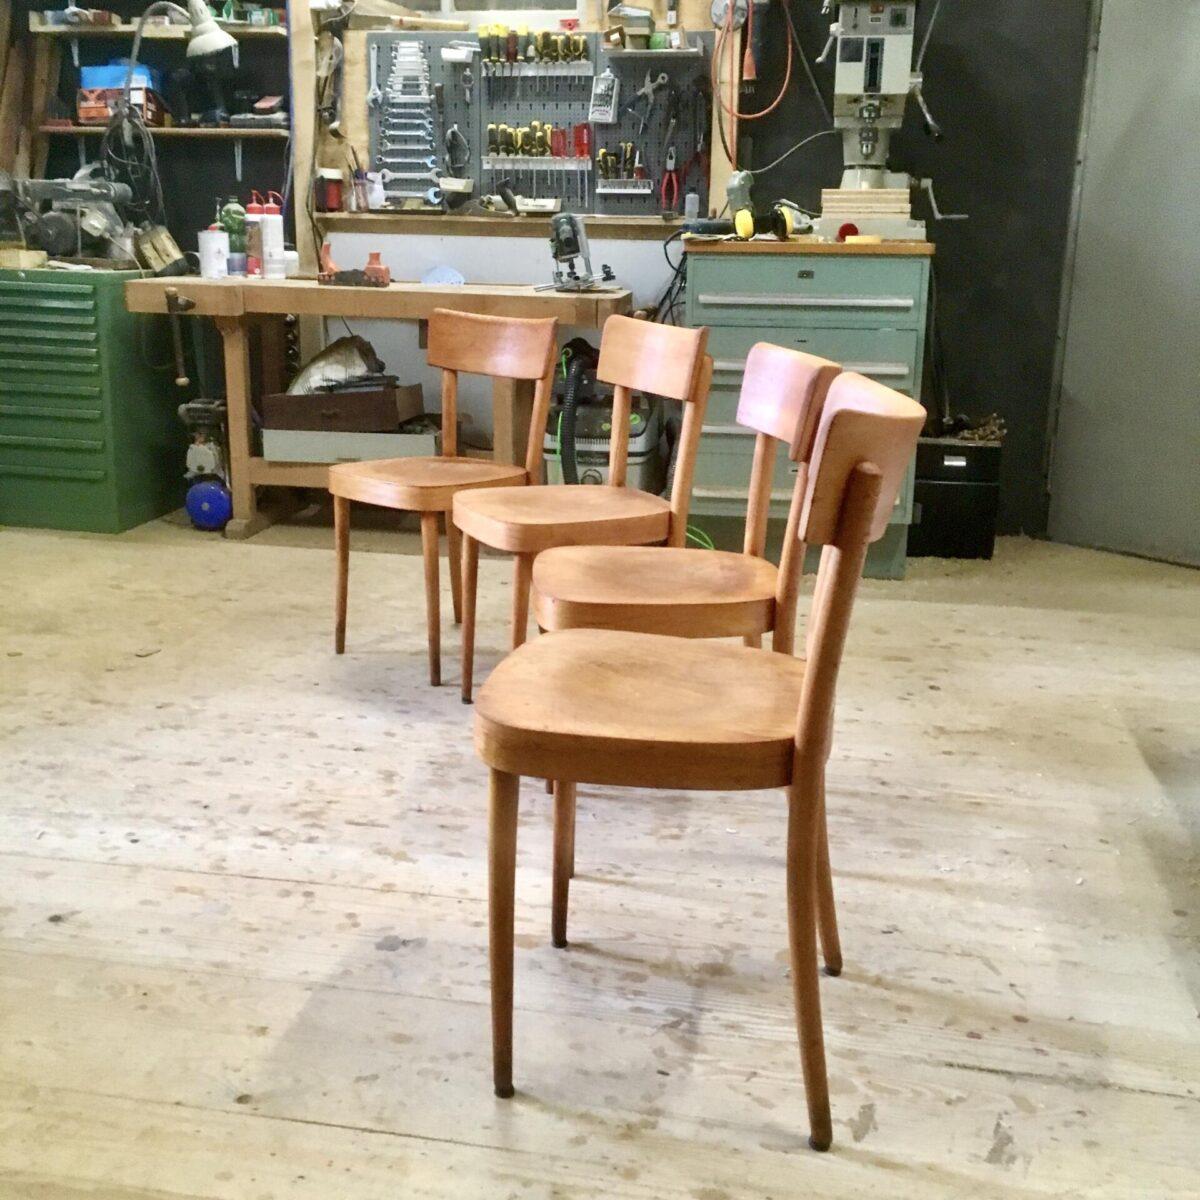 4 Beizenstühle von Keusch und Sohn. Buchenholz Stühle mit runden Beinen. Matte rötlich braune Patina.